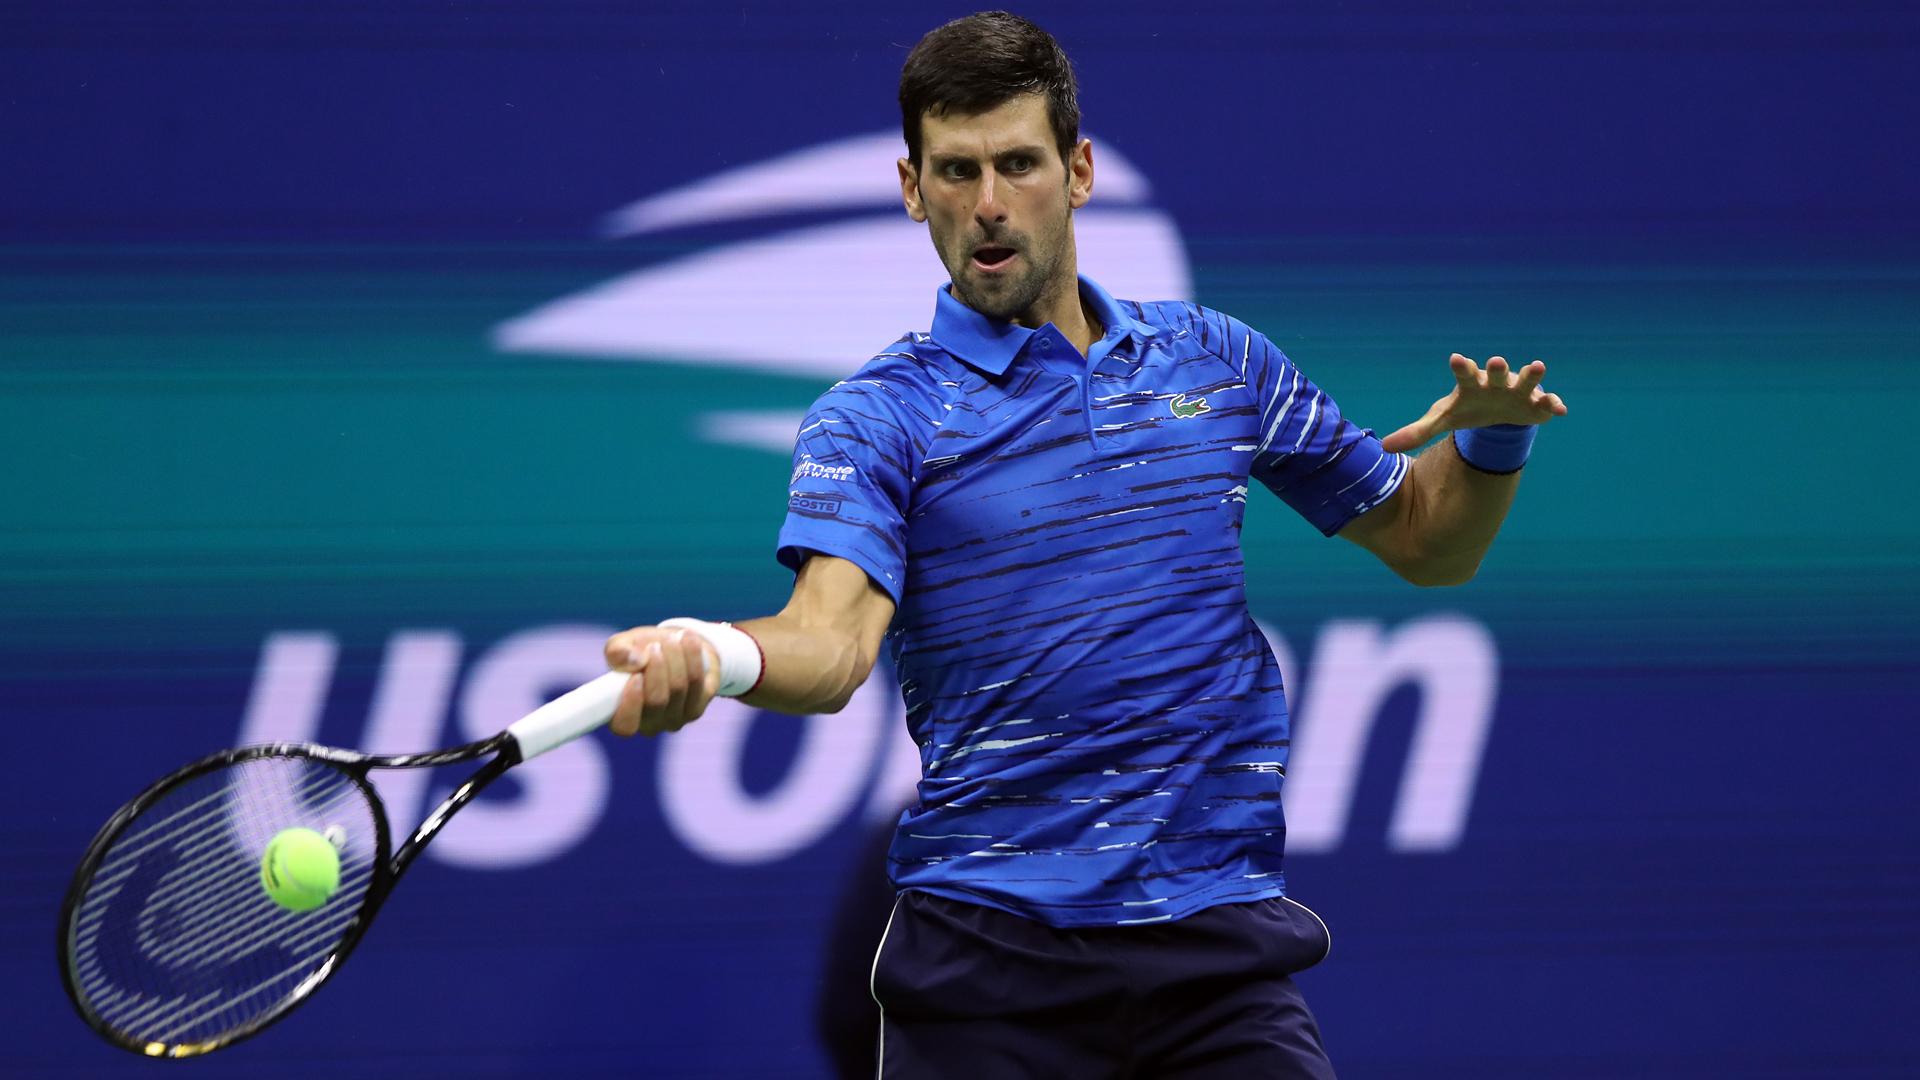 U.S. Open 2019: Novak Djokovic's defense over as he retires from Stan Wawrinka clash